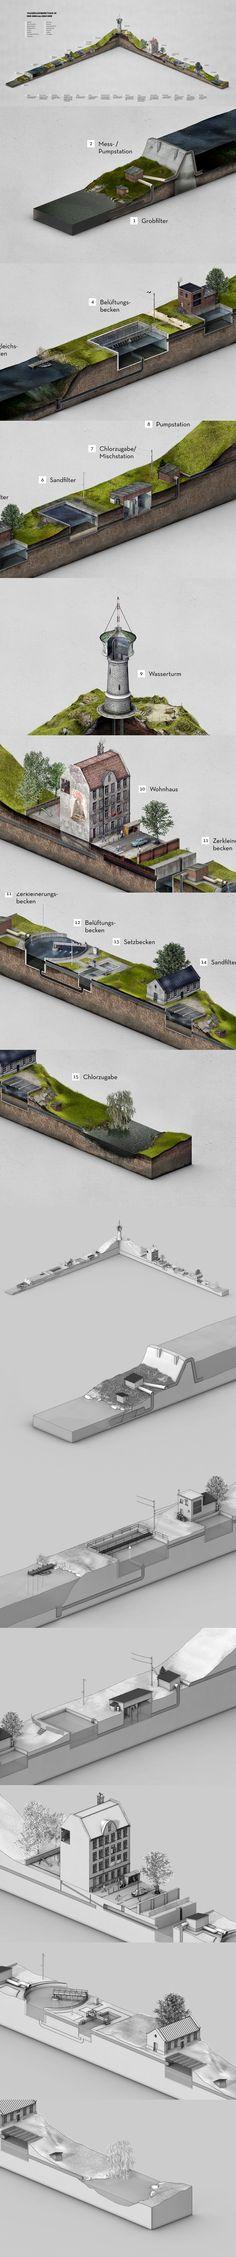 Wasseraufbereitung in der ehemaligen DDR #infographic #illustration